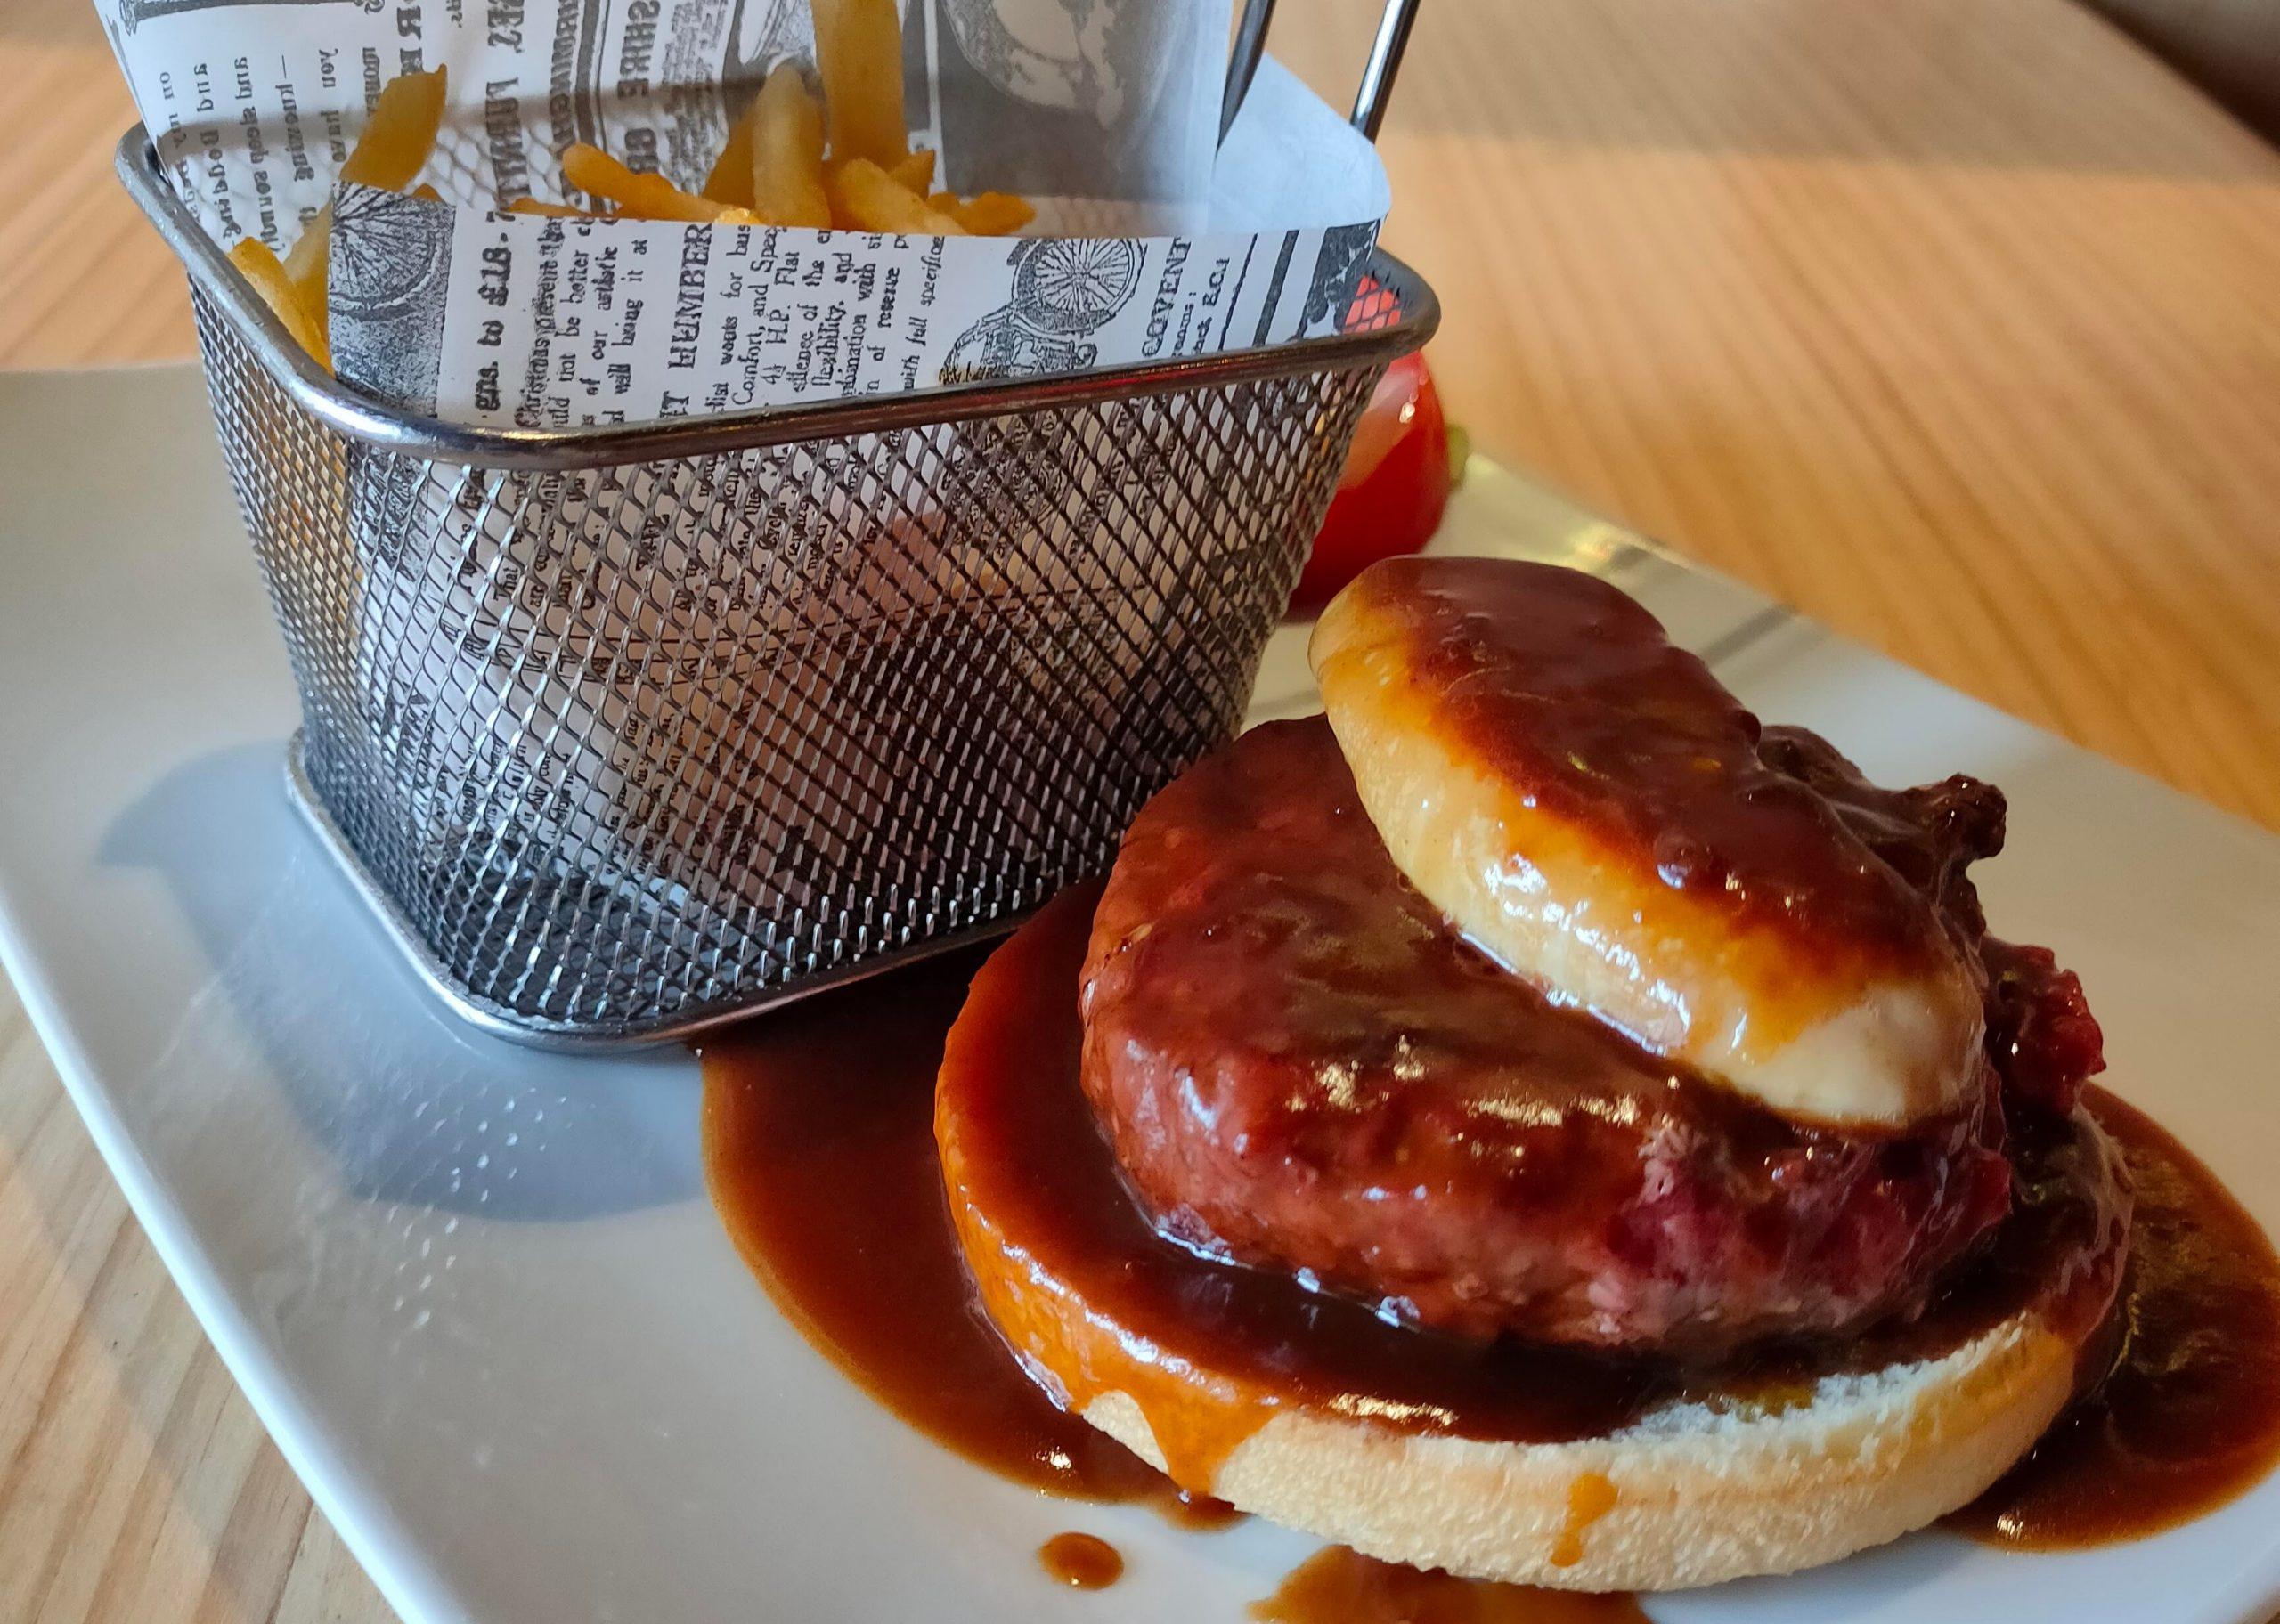 Je vous propose de tester le burger Rossini au foie gras. RESTAURANT el CARLIT au Pas de la Casa (Le Restaurant du Pas de la Case)